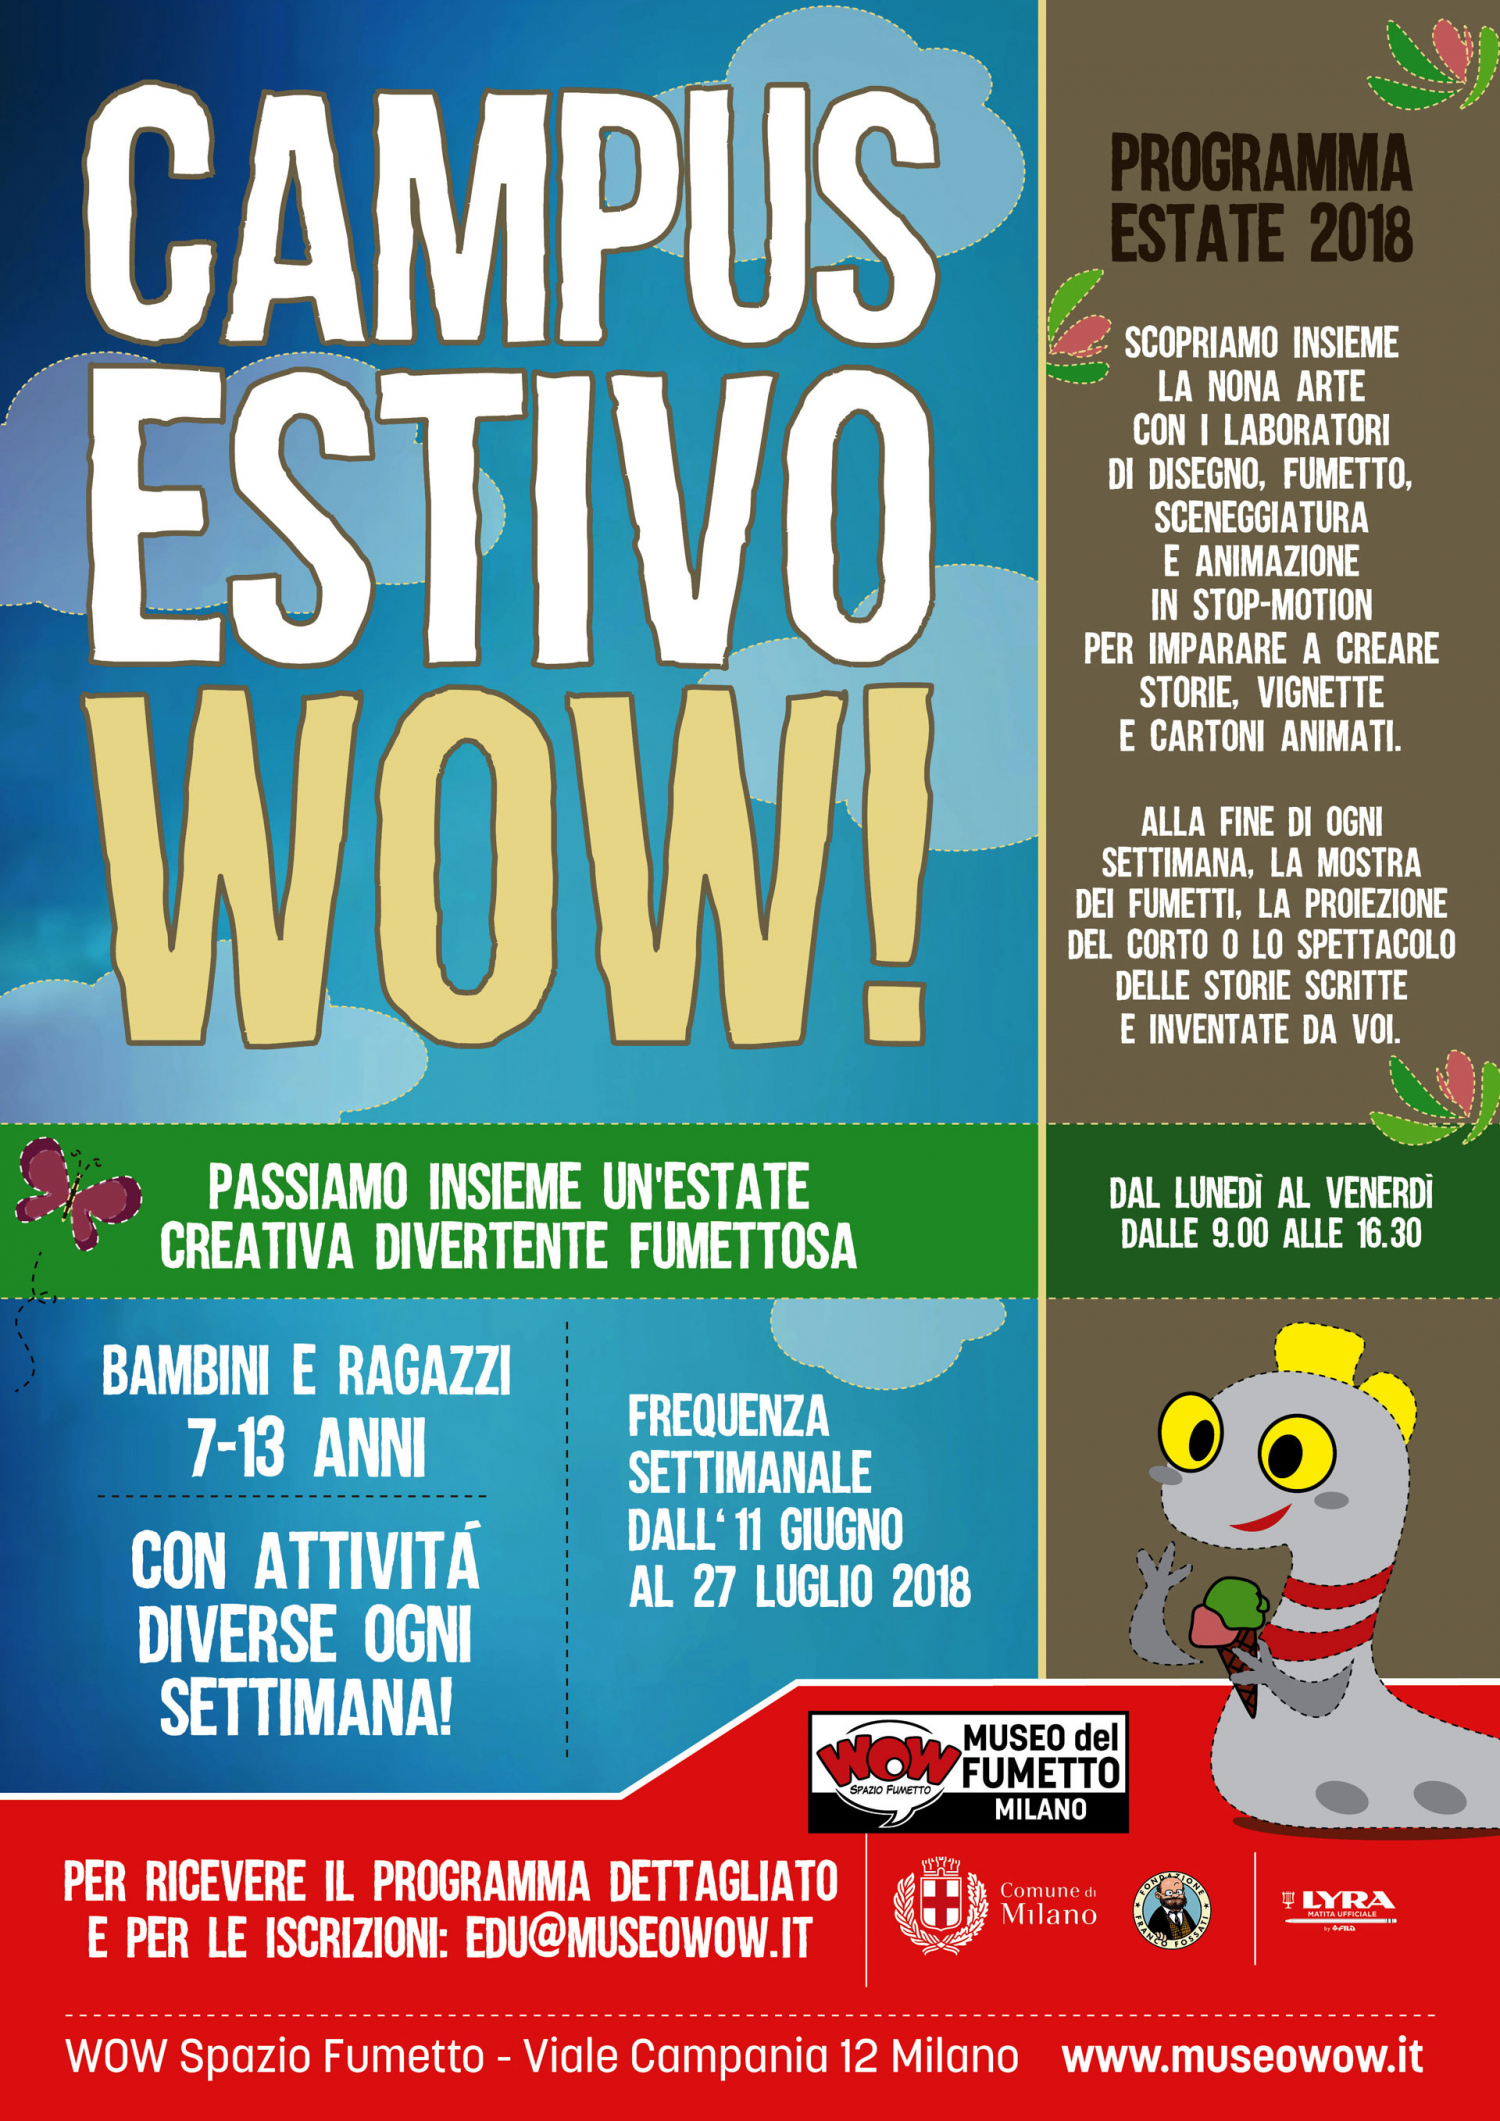 """<p>Workshop di Autoeditoria Creativa. Autore? Editore! con&nbsp;<strong>Federico Zenoni &ndash; <a target=""""_blank"""" href=""""http://senzaimpegni.altervista.org"""">Casa Editrice Libera e Senza Impegni</a></strong></p><p><strong>Periodo: dall&rsquo;11 al 15 giugno</strong> <strong>Orario: 14:00-16:00</strong> <strong>Costo: 90 euro (materiale compreso)</strong> <strong>Passo dopo passo, diventiamo autori e editori di noi stessi!</strong> Per prima cosa, il nome della tua casa editrice. Poi passiamo alle tecniche: Xerografia, ovvero: il bianco e nero; poi fumetto, testo, collages, sgorbi...&nbsp;Scegliamo il formato e i materiali riciclati. E siamo pronti a costruire il menabo&#39; (impaginazione manuale, frontespizio, colophon, introduzione, appendice, inserti, e chi pi&ugrave; ne ha pi&ugrave; ne metta). Passiamo alla stampa: tiratura minima consigliata... siamo editori! Rilegature per ogni gusto. E c&rsquo;&egrave; anche la copertina. Tutte uguali e tutte diverse! Ancora sui materiali riciclati (non spendo e aiuto il pianeta). Infine dono, baratto, vendita. Qualche informazione sul futuro dei tuoi libroidi.</p><p>Workshop di Fumetto e&nbsp;Incisione con <a target=""""_blank"""" href=""""http://alicemilani.org"""">Alice Milani</a></p><p><strong>Periodo: dal 18 al 22 giugno</strong> <strong> Orario: 14:00-17:00</strong> <strong> Costo: 100 euro (materiale compreso)</strong> Illustratrice e fumettista, specializzata in incisione, tra i fondatori del collettivo La Trama e autrice per Edizioni BeccoGiallo. <strong>Il Workshop verter&agrave; sulla tecnica dell&rsquo;incisione</strong>, legate al mondo dell&rsquo;autoproduzione. Seguendo la guida e i preziosi consigli dell&rsquo;autrice, i partecipanti creeranno una fanzine (o giornale a fumetti) della loro storia di immagini e parole, usando anche la tecnica&nbsp;della&nbsp;stampa con linoleum, rulli e inchiostri per realizzare la copertina. La matrice potr&agrave; essere riutilizzata per stampare altre copie della vostra fanzine!</p><p>Wo"""